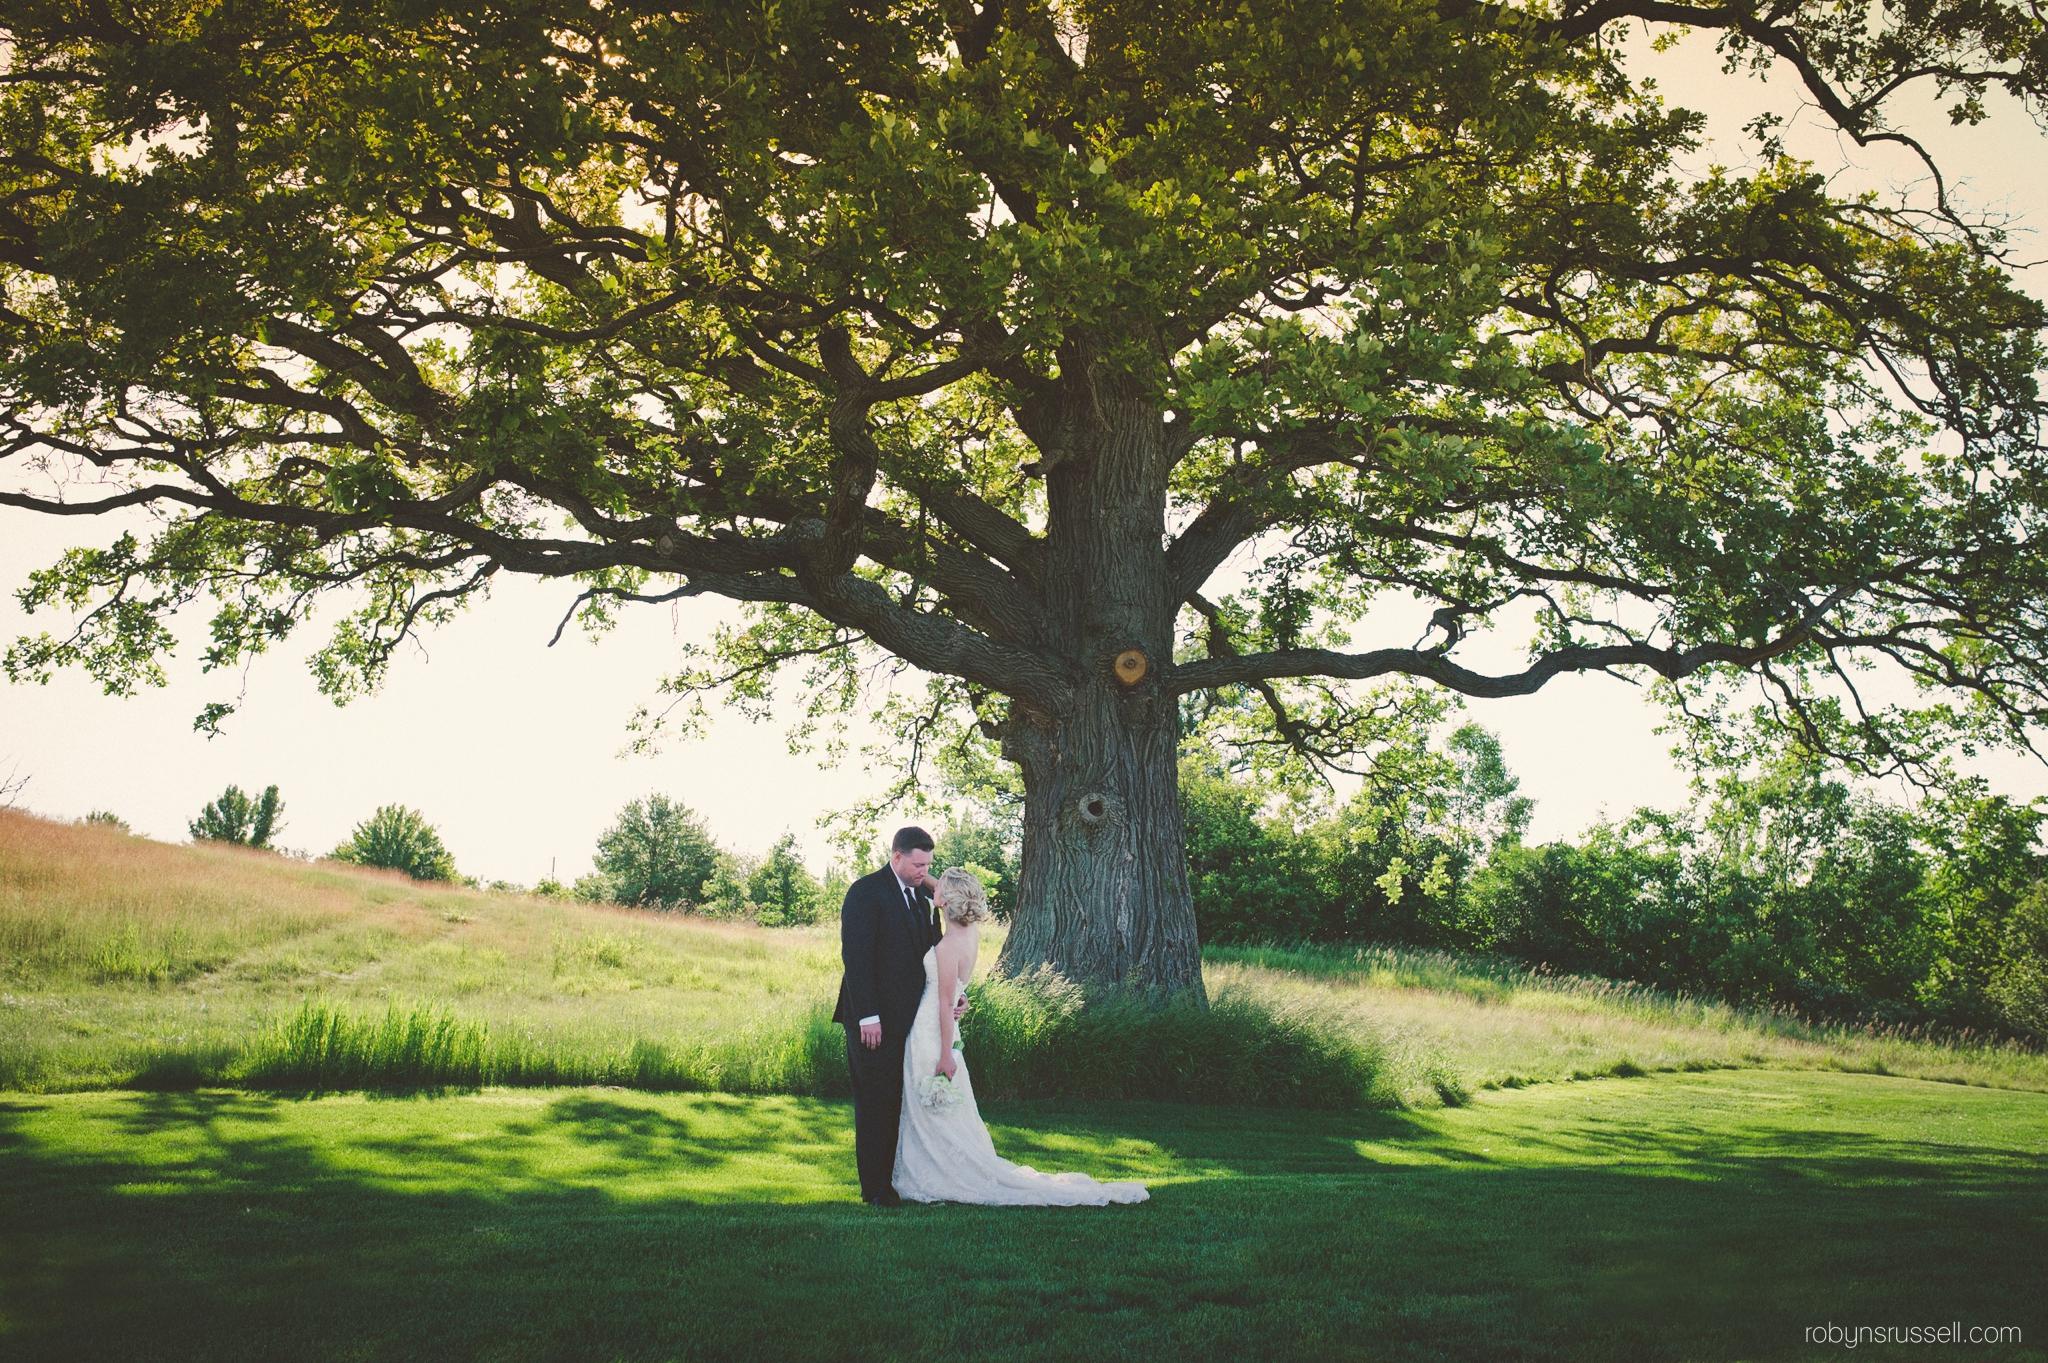 44-bride-and-groom-pipers-heath-tree-oakville.jpg